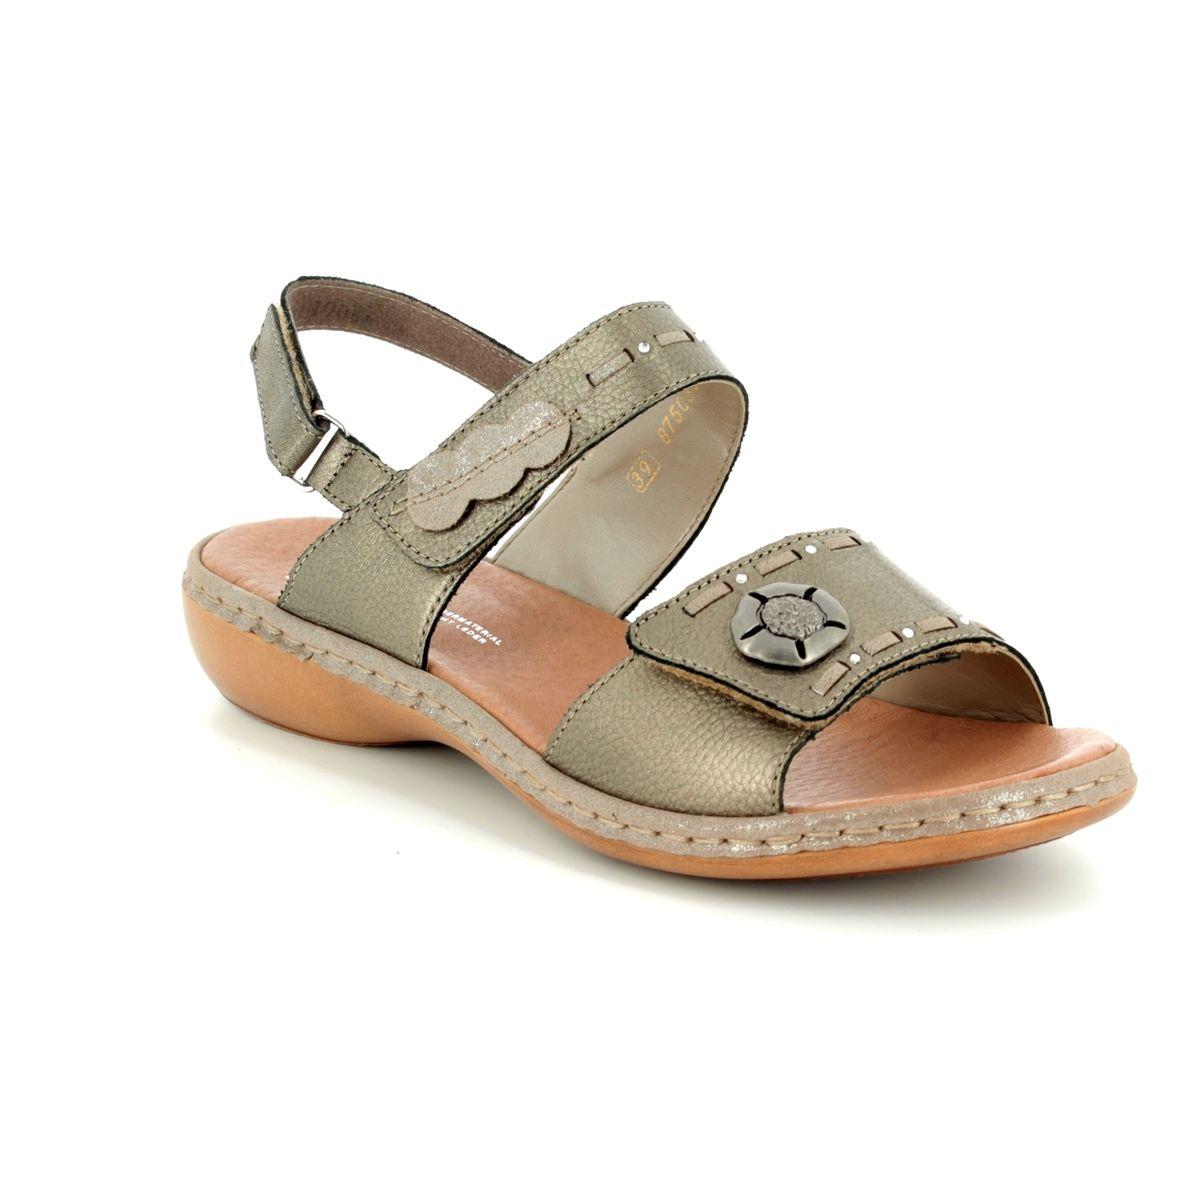 c69422d58c73 Rieker Sandals - Pewter - 65972-90 TITANS